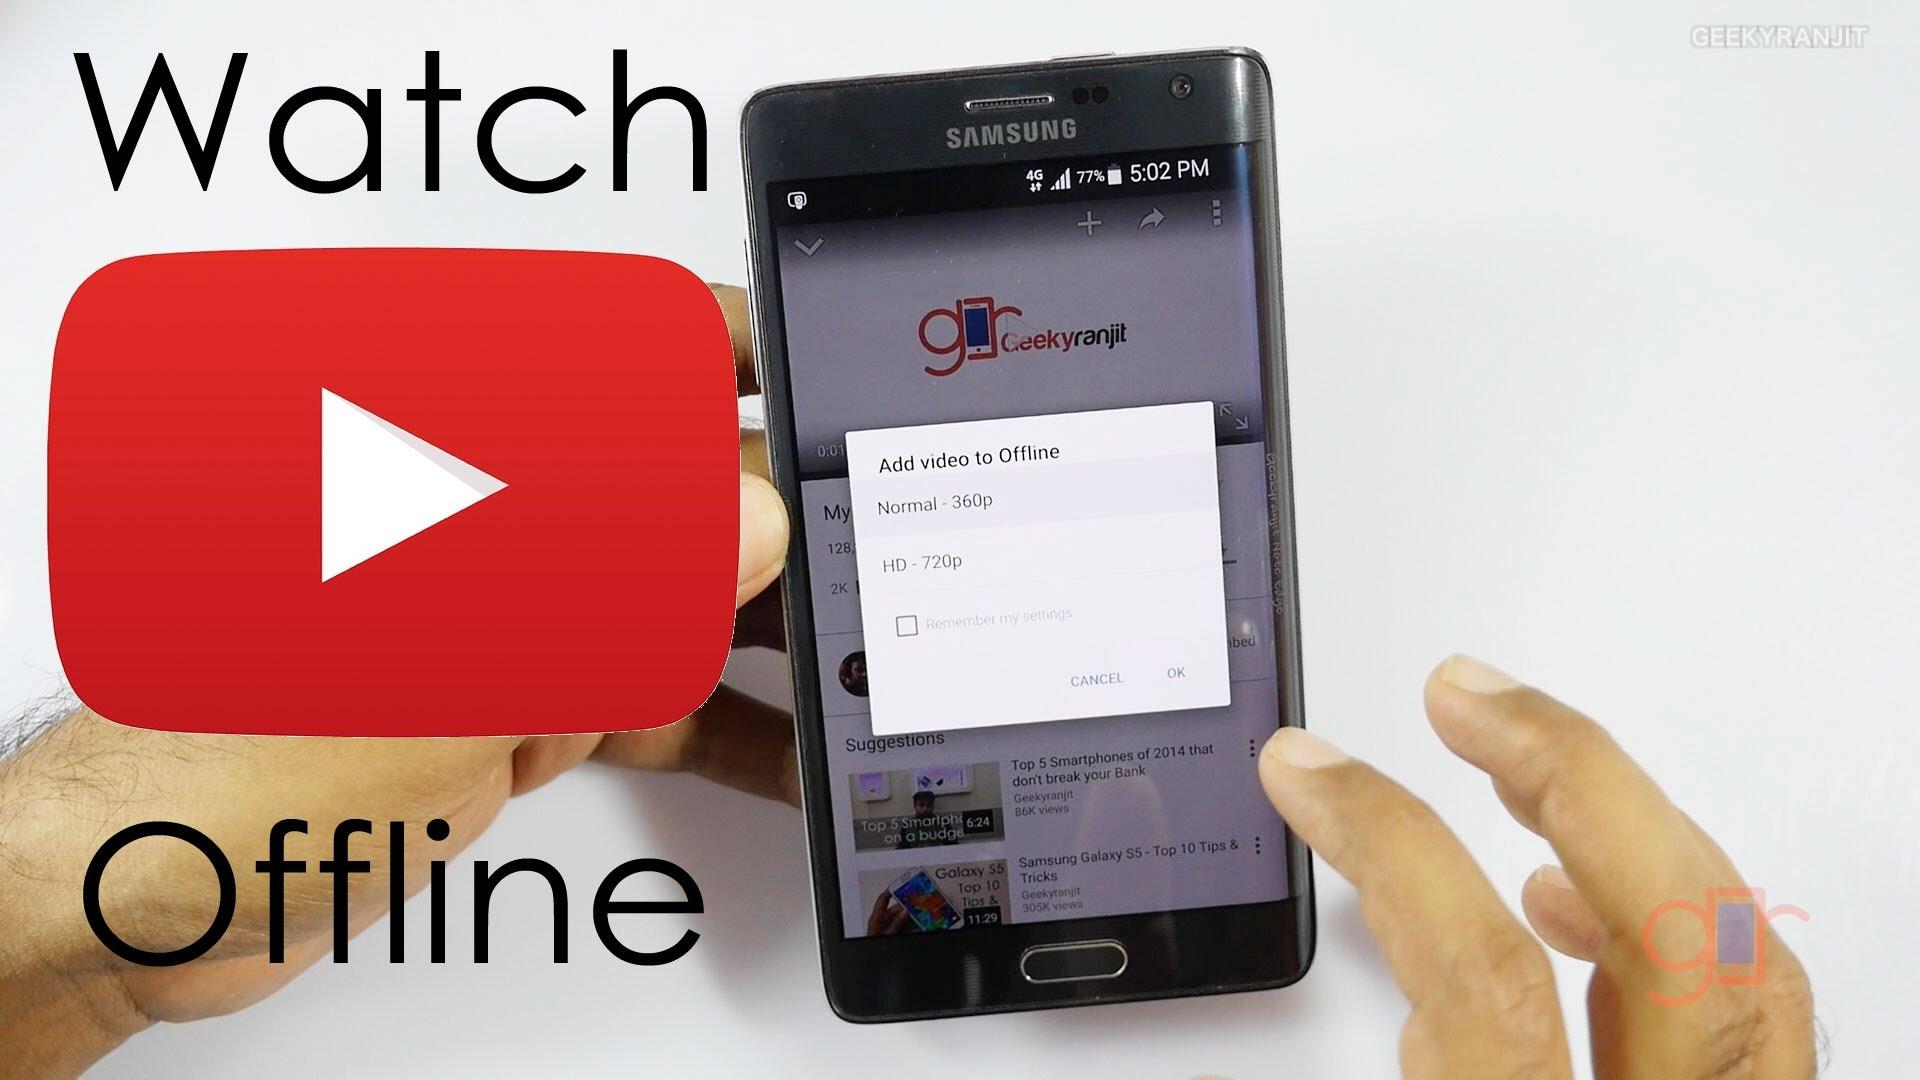 Hướng dẫn xem video youtube khi không có mạng trên iPhone - Cách lưu video Youtube Offline